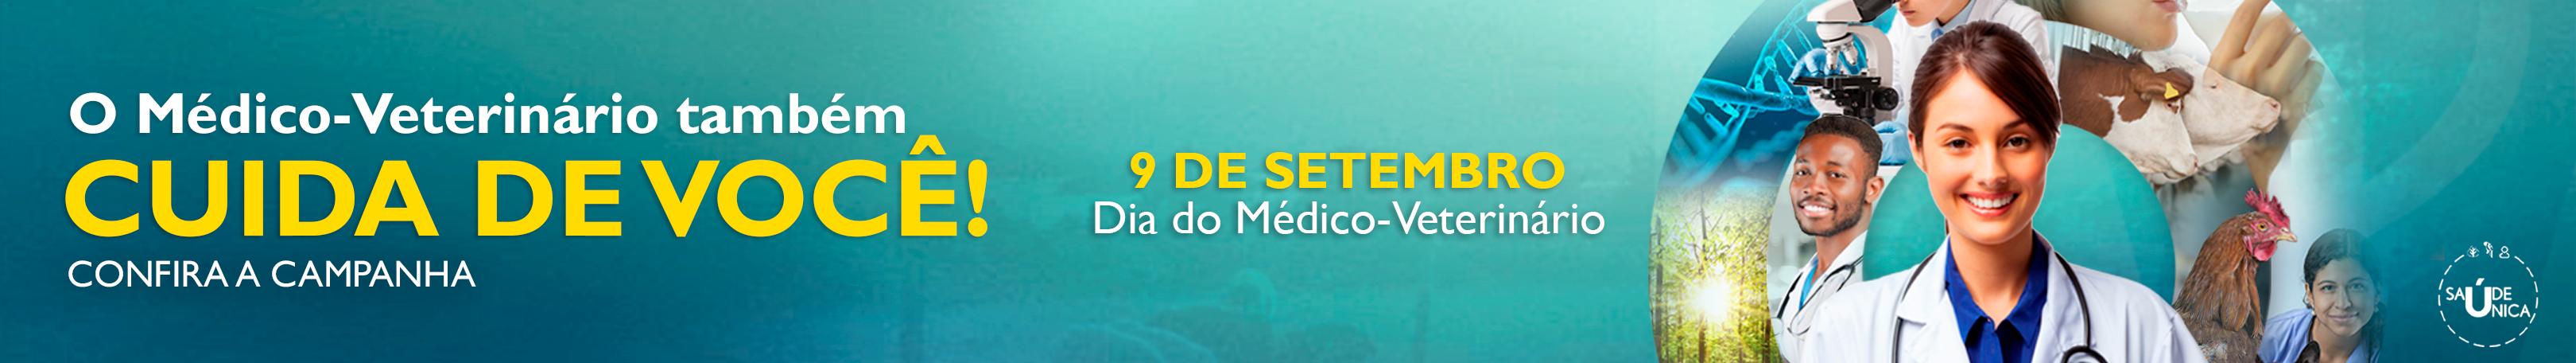 Hotsite Dia do Médico-Veterinário 2020